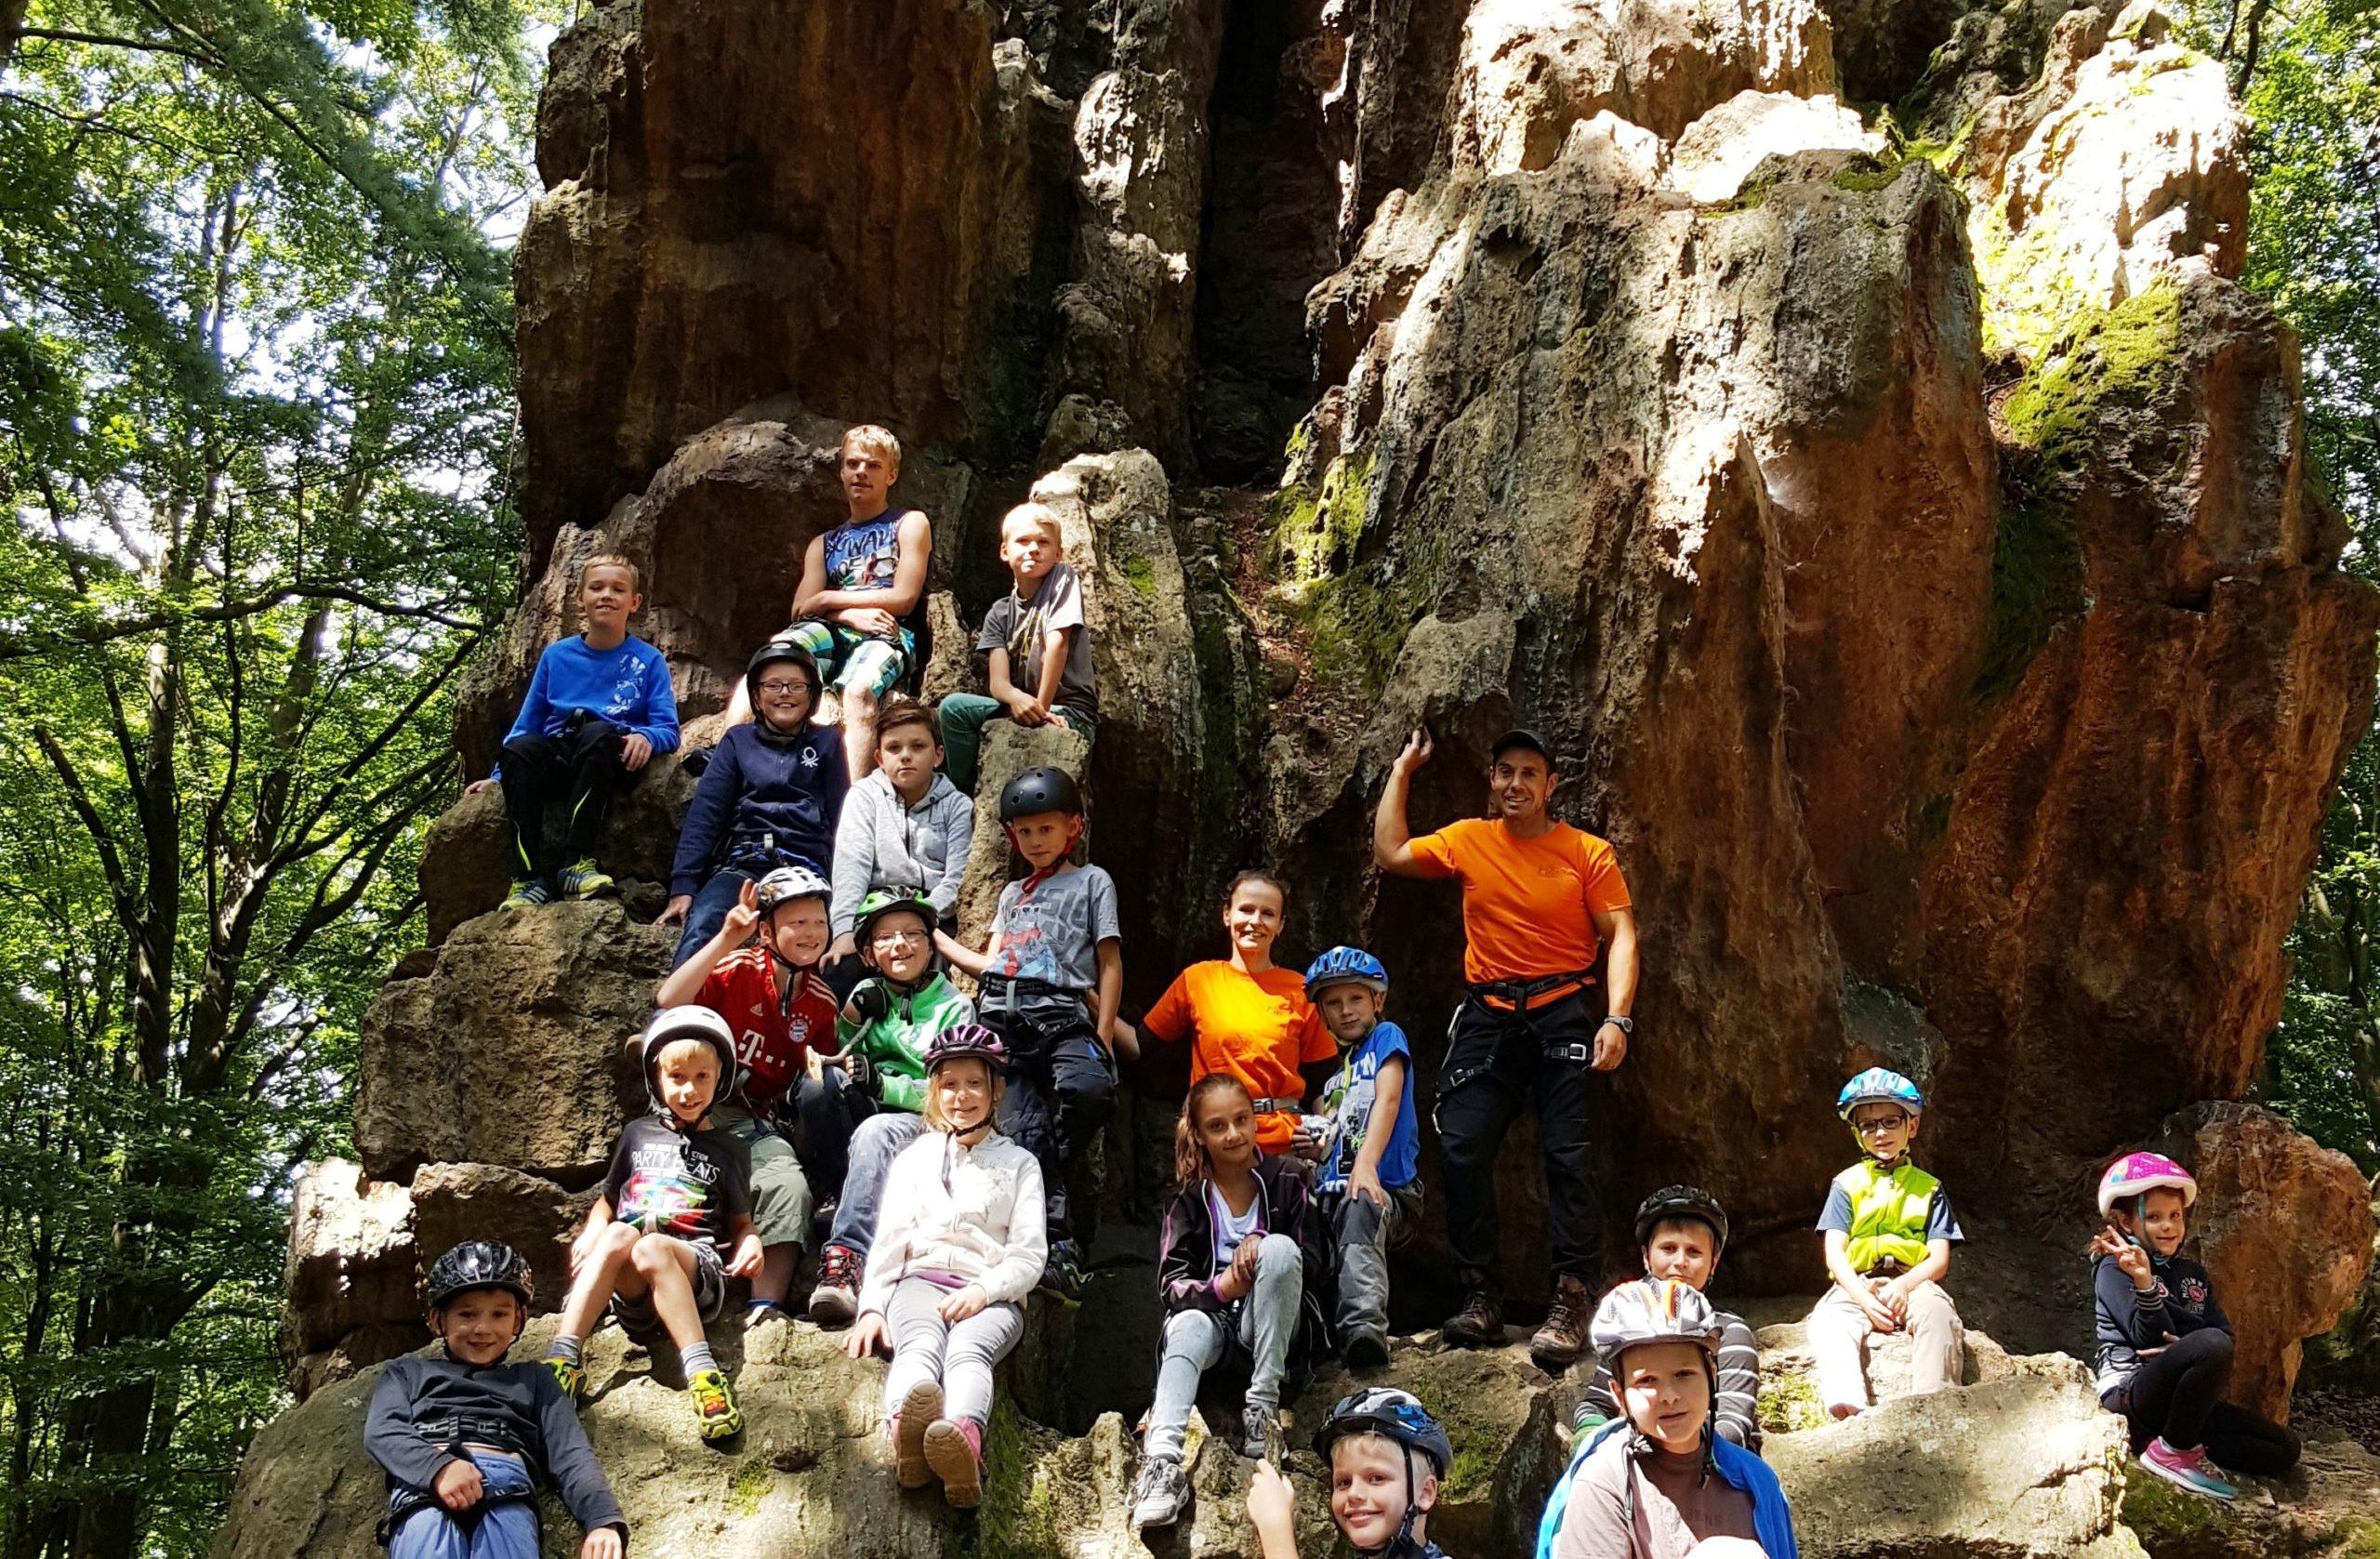 Klettern Kindergruppe für Sport